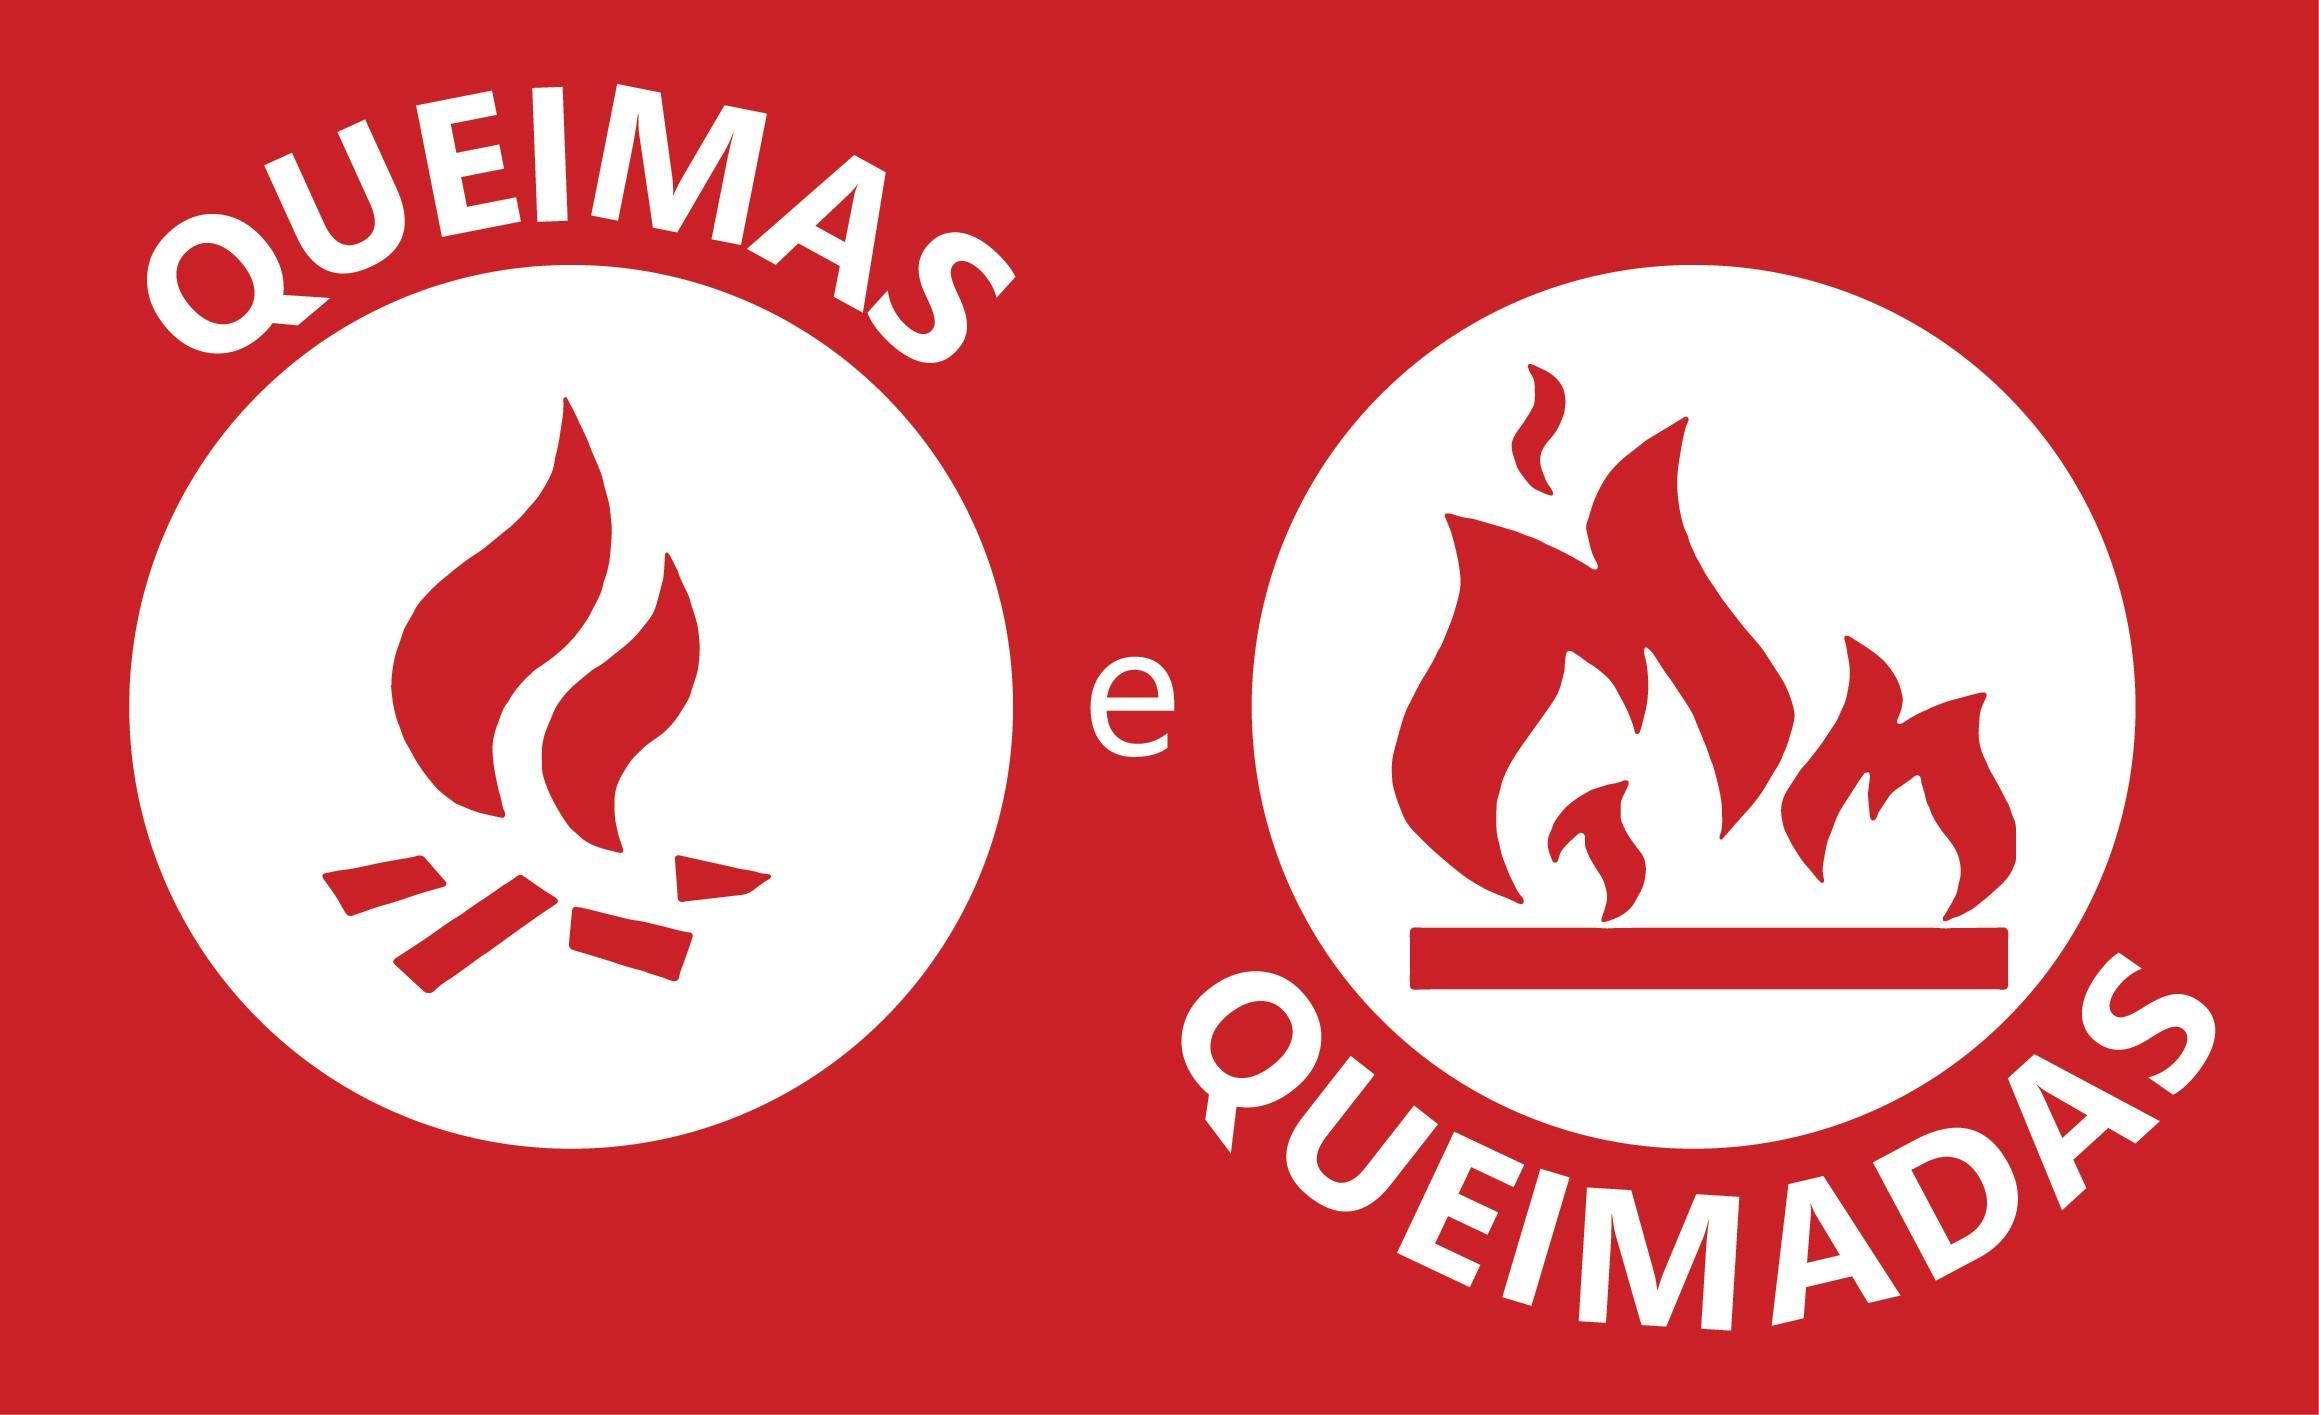 Calendario 2019 Tec De Monterrey Más Populares Incio